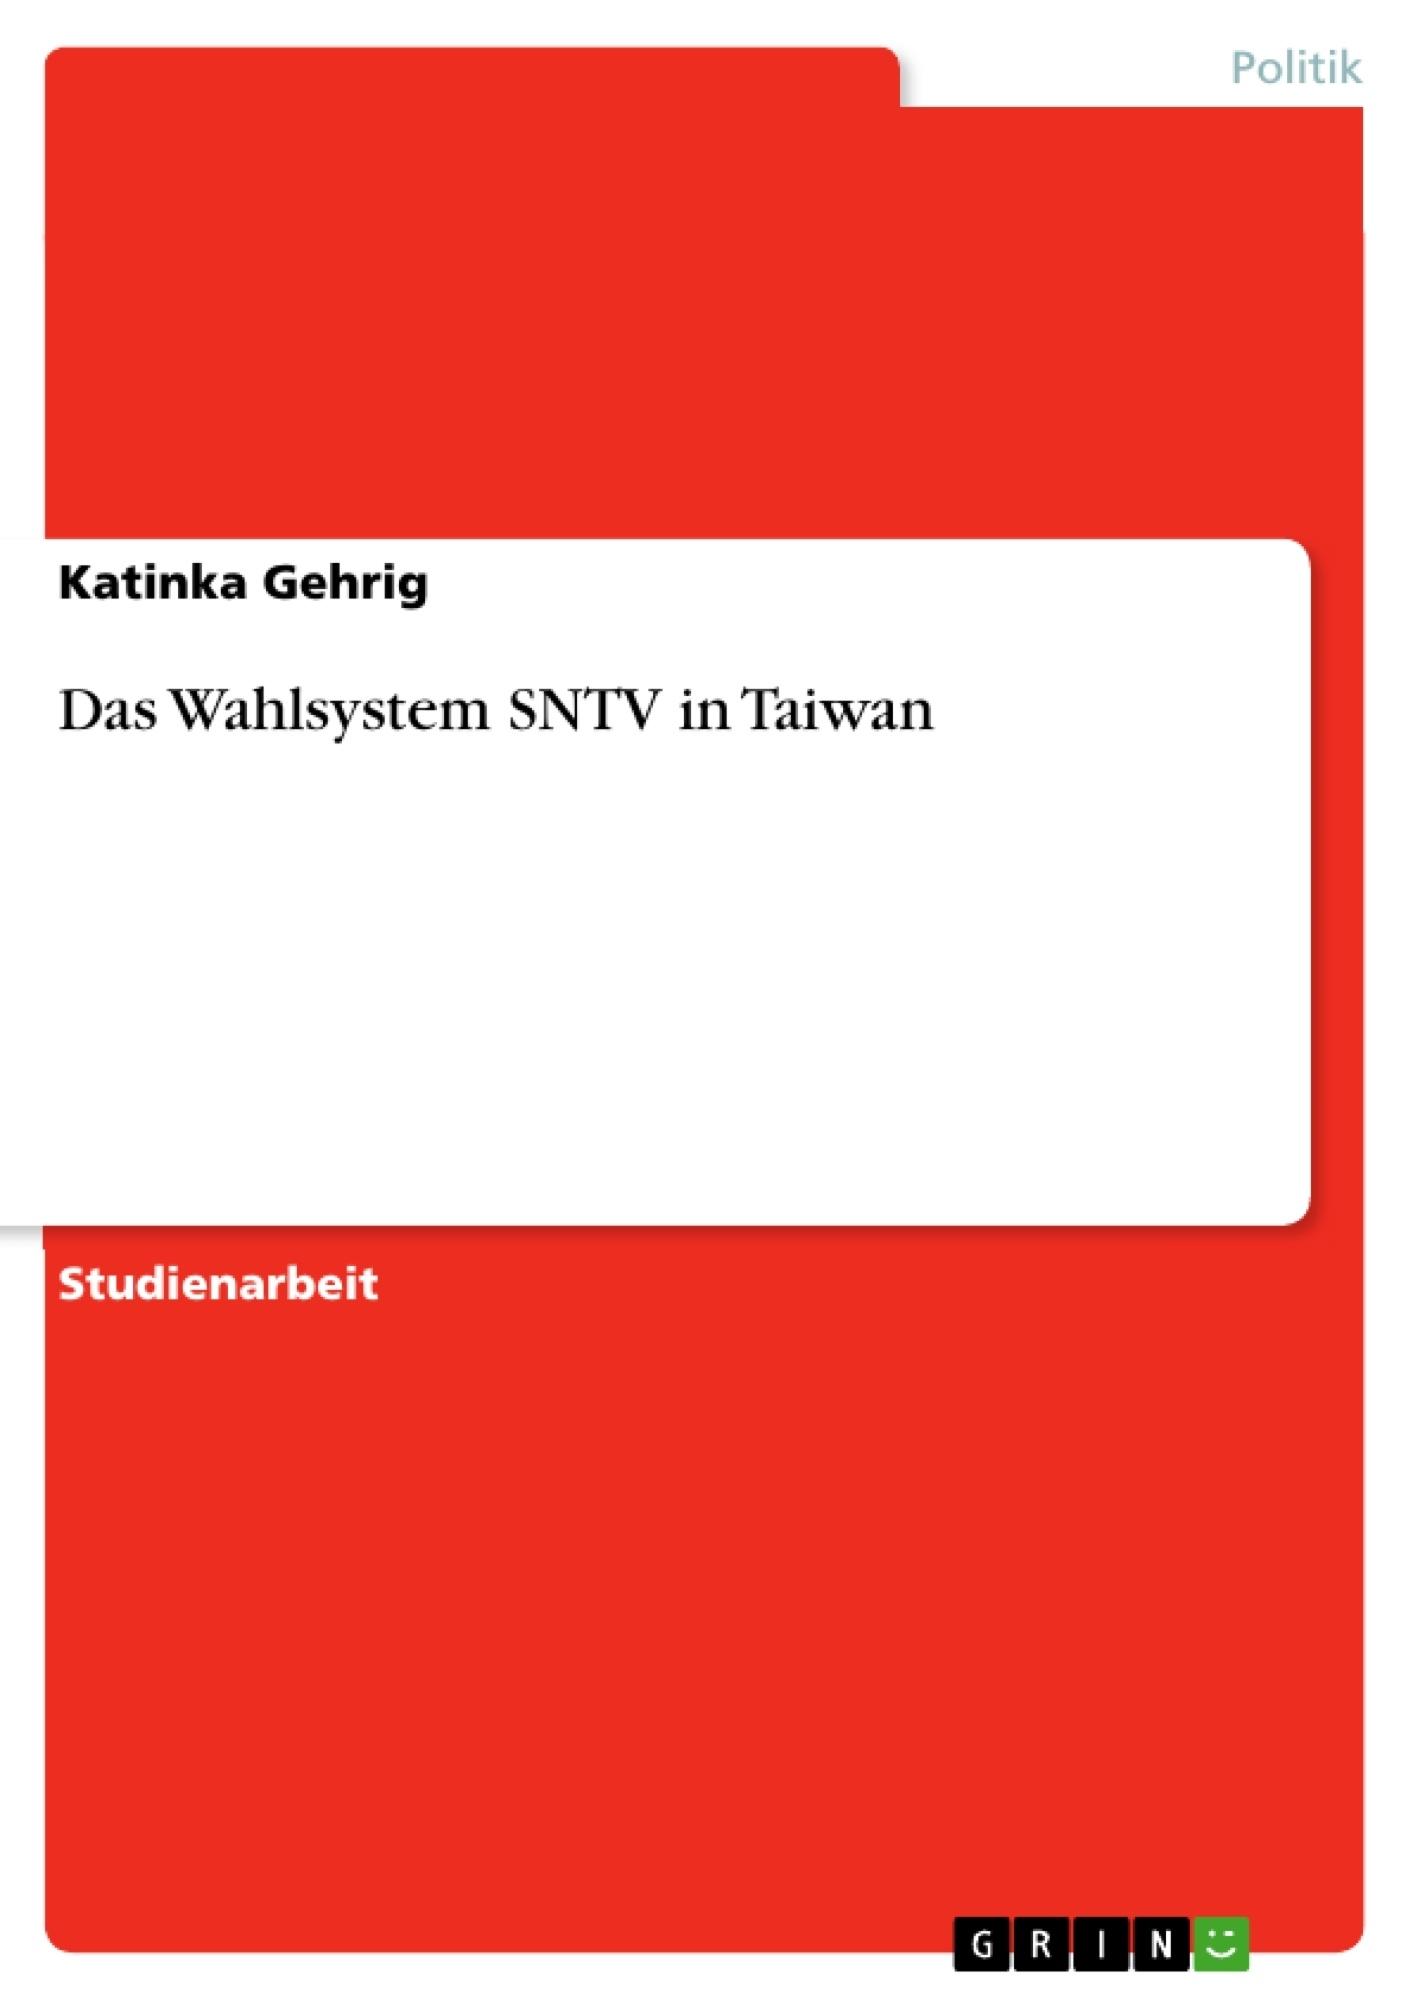 Titel: Das Wahlsystem SNTV in Taiwan